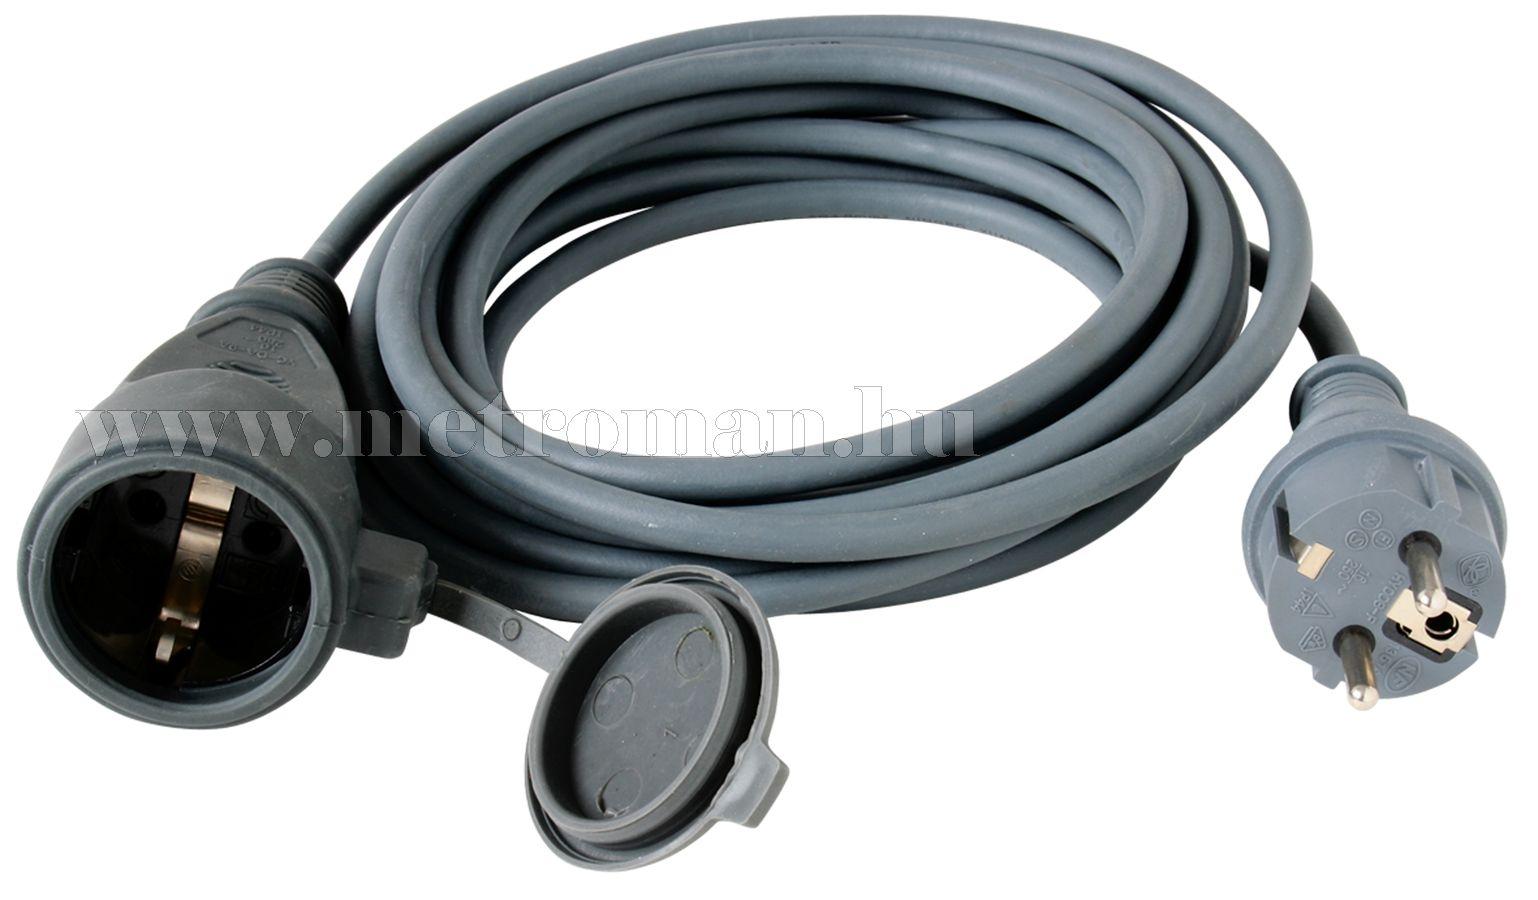 230 V-os gumi hosszabbító kábel, 30 m-es, NV 7-30/GY